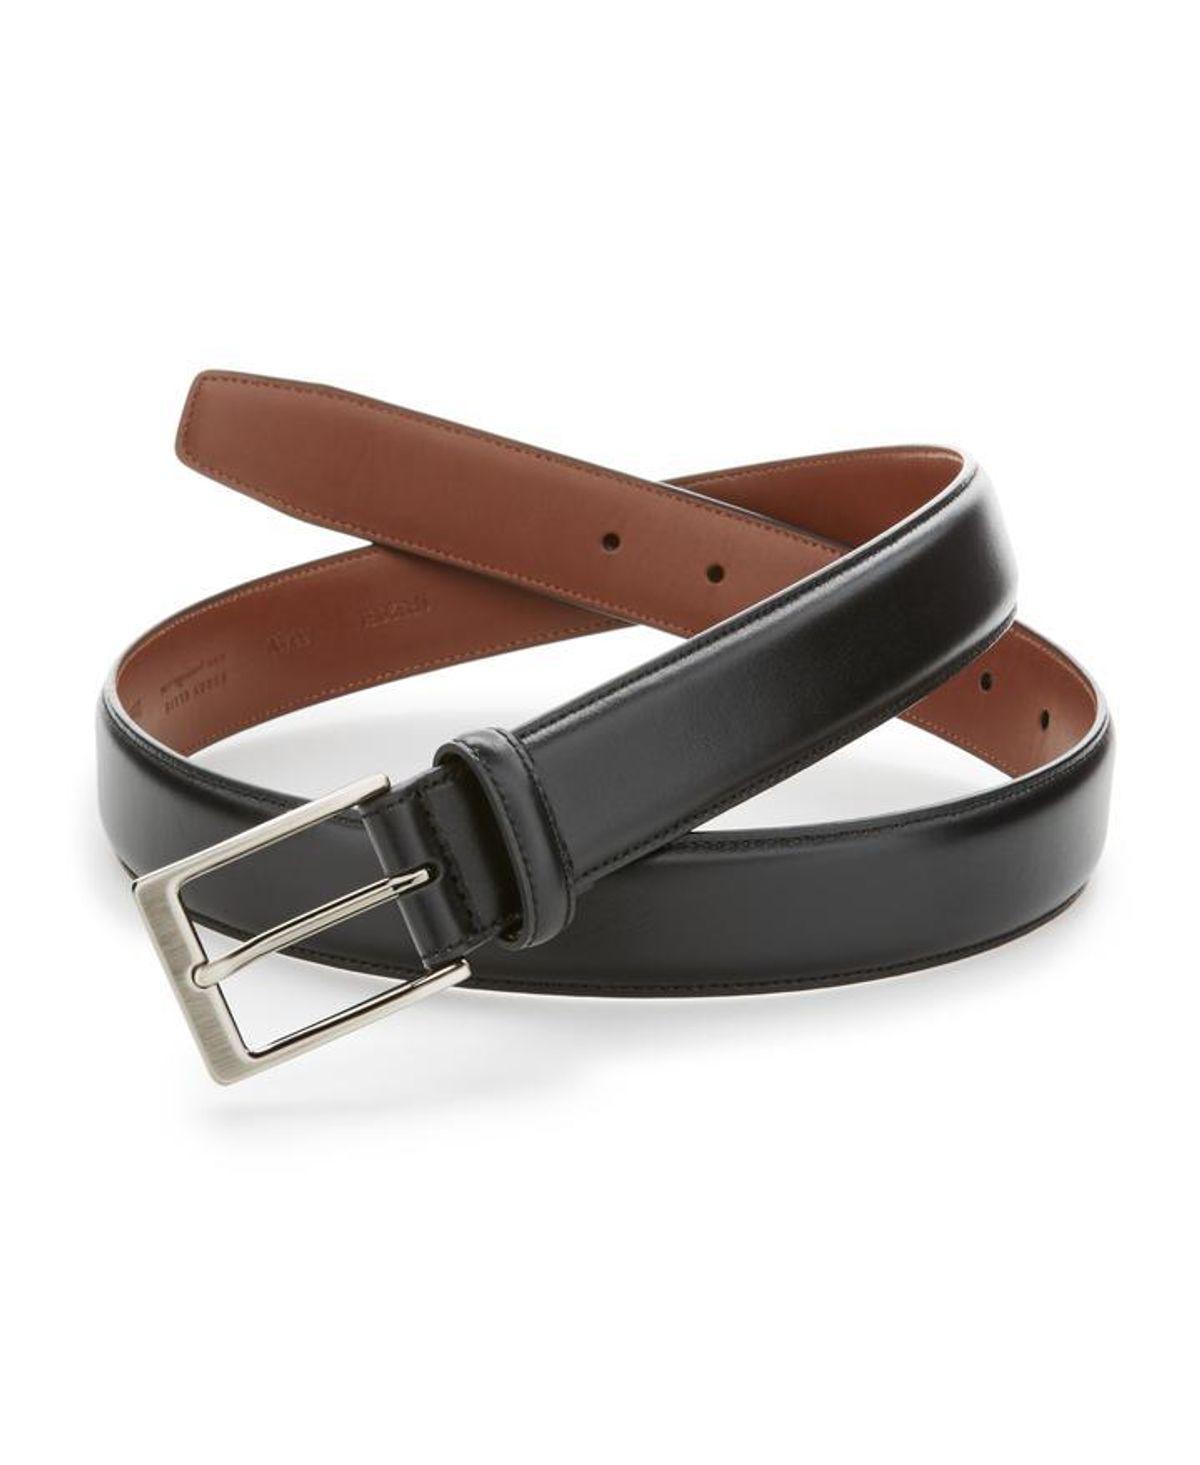 Amigo Dress Belt